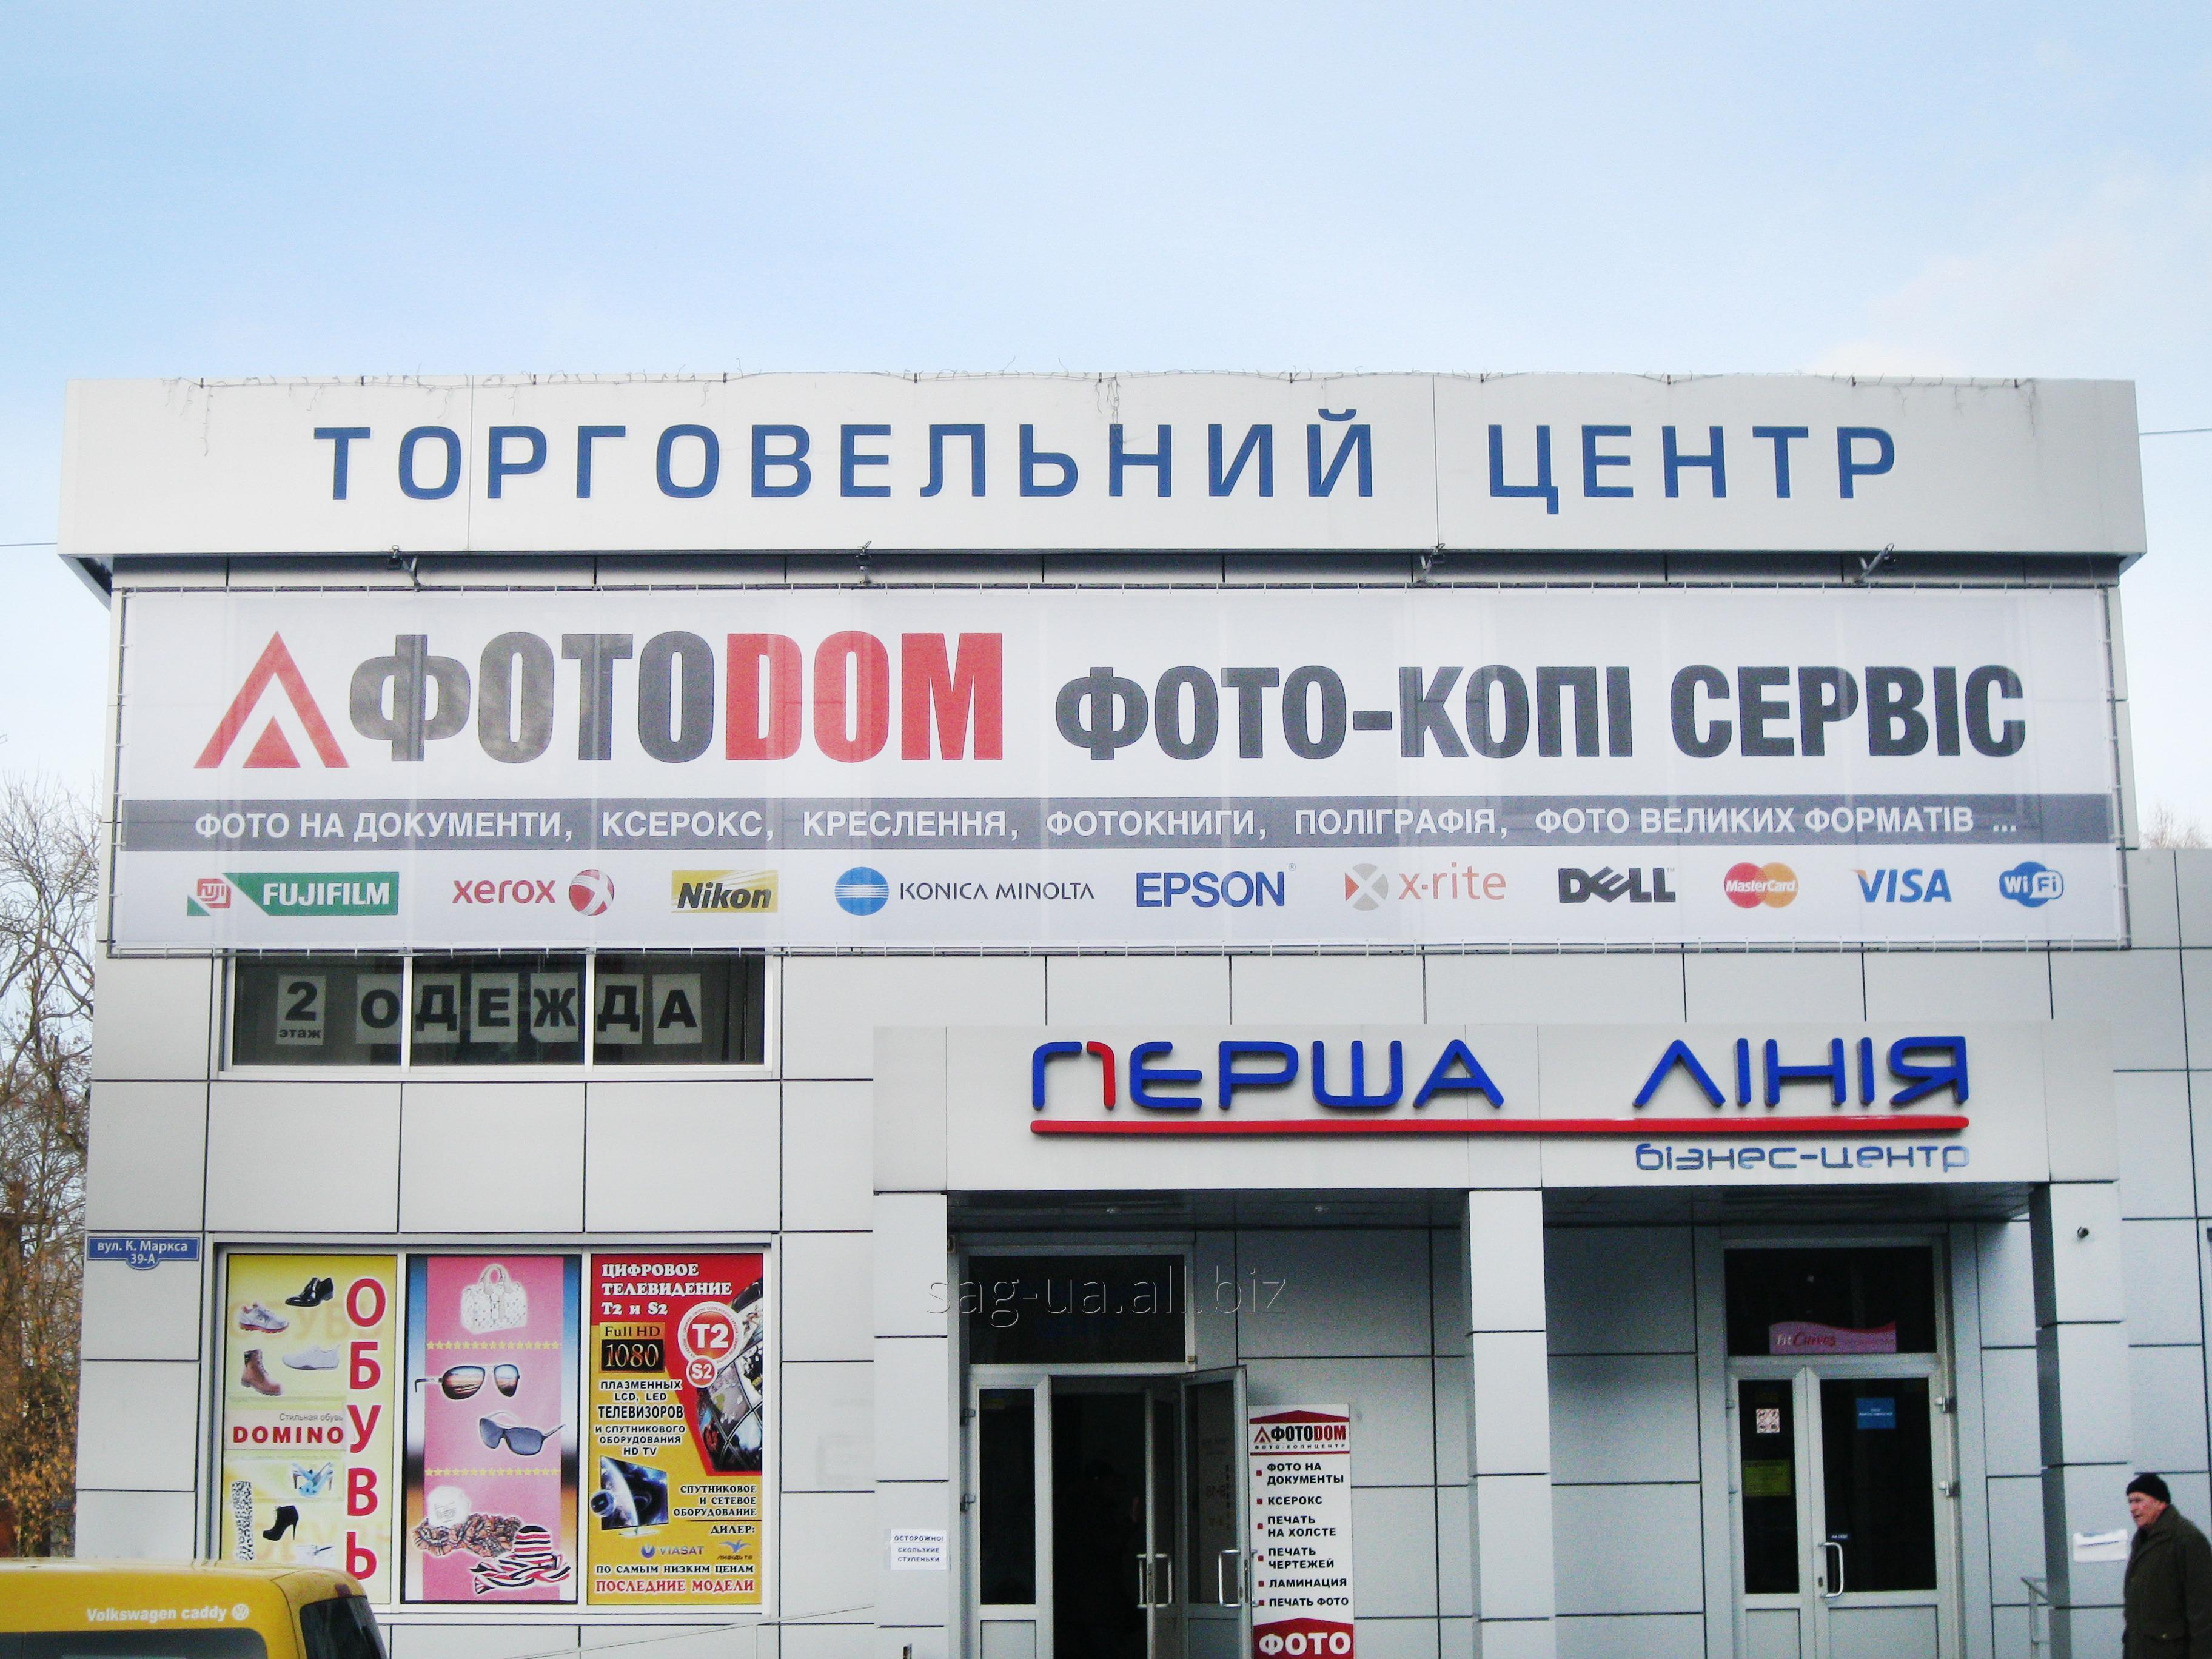 oformlenie_fasadov_brendirovanie_fasadov_setkoj